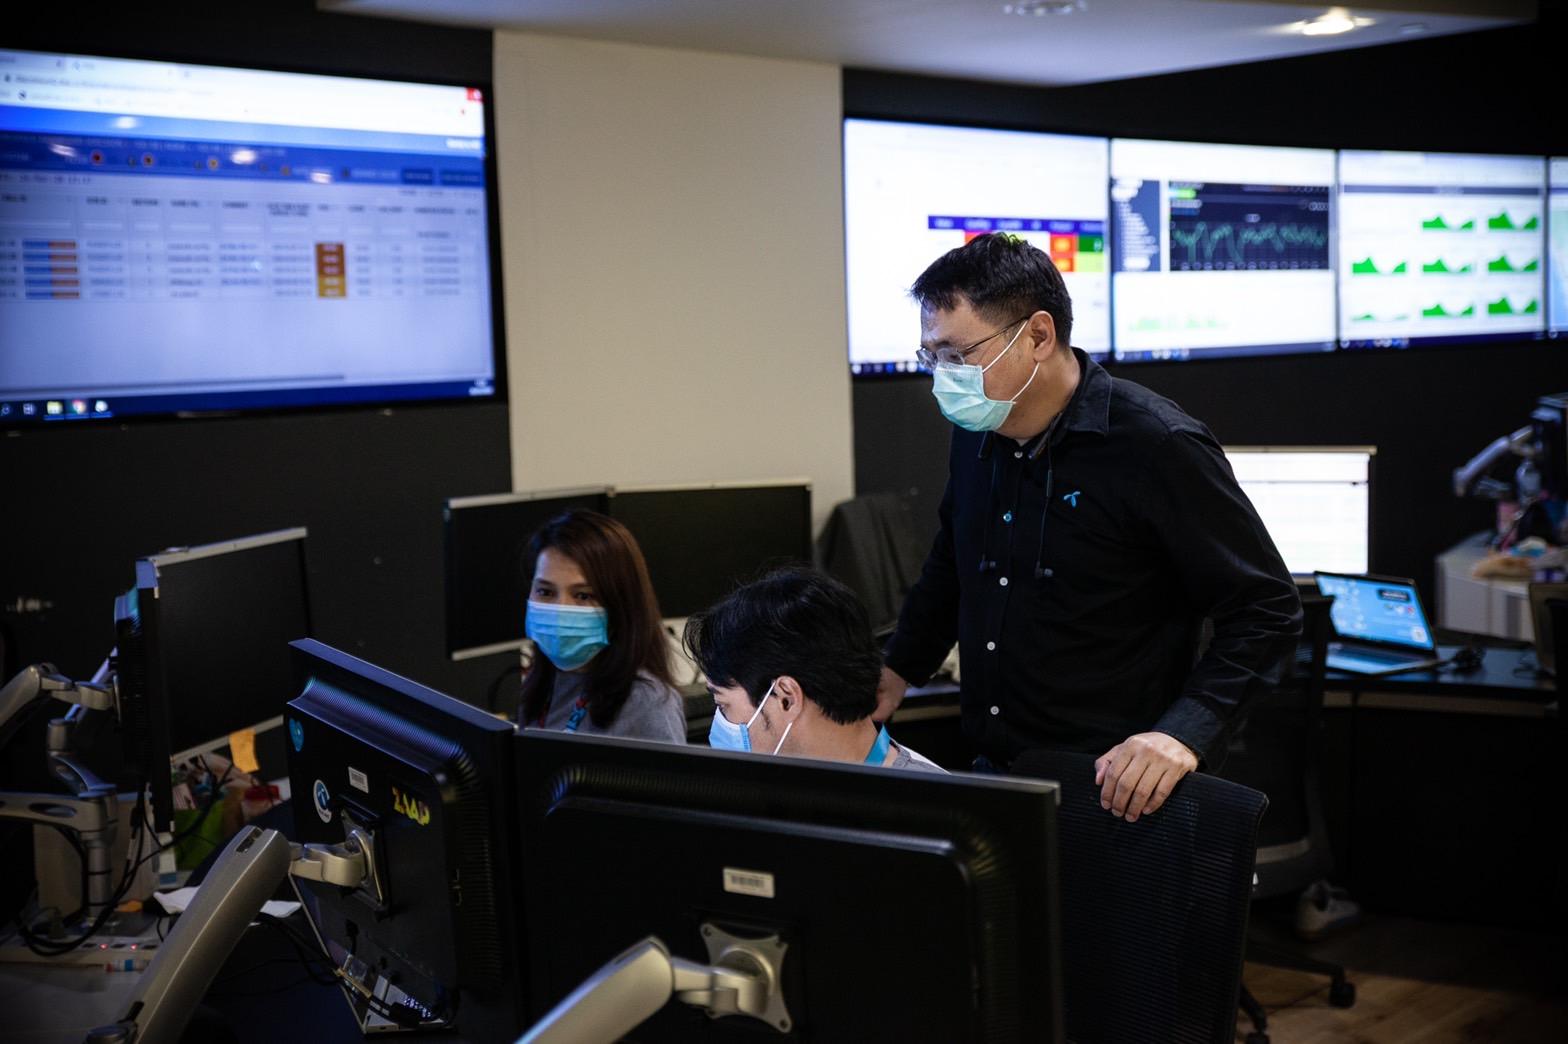 ดีแทคเกาะติดสถานการณ์โควิด-19 พร้อมประสานงาน กสทช. และหน่วยงานรัฐ เพิ่มสัญญาณอินเทอร์เน็ตความเร็วสูงสนับสนุนการปฏิบัติงาน